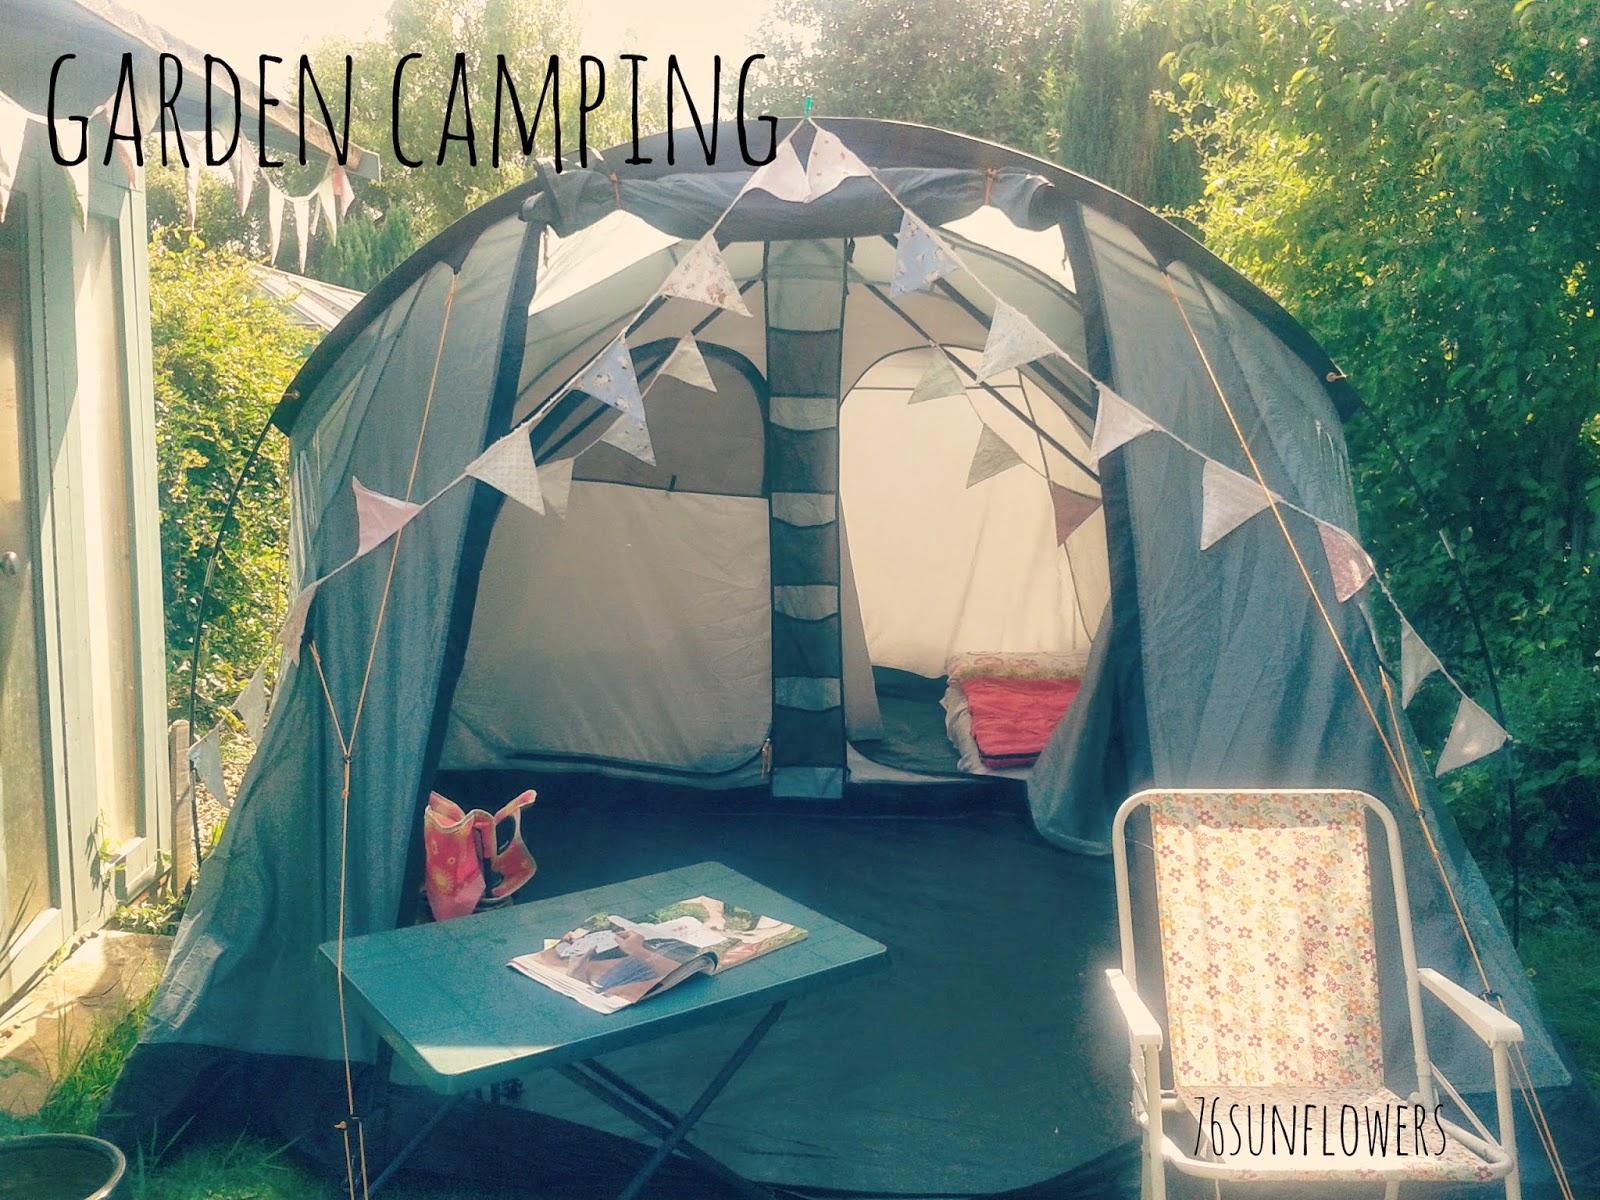 Garden camping // 76sunflowers